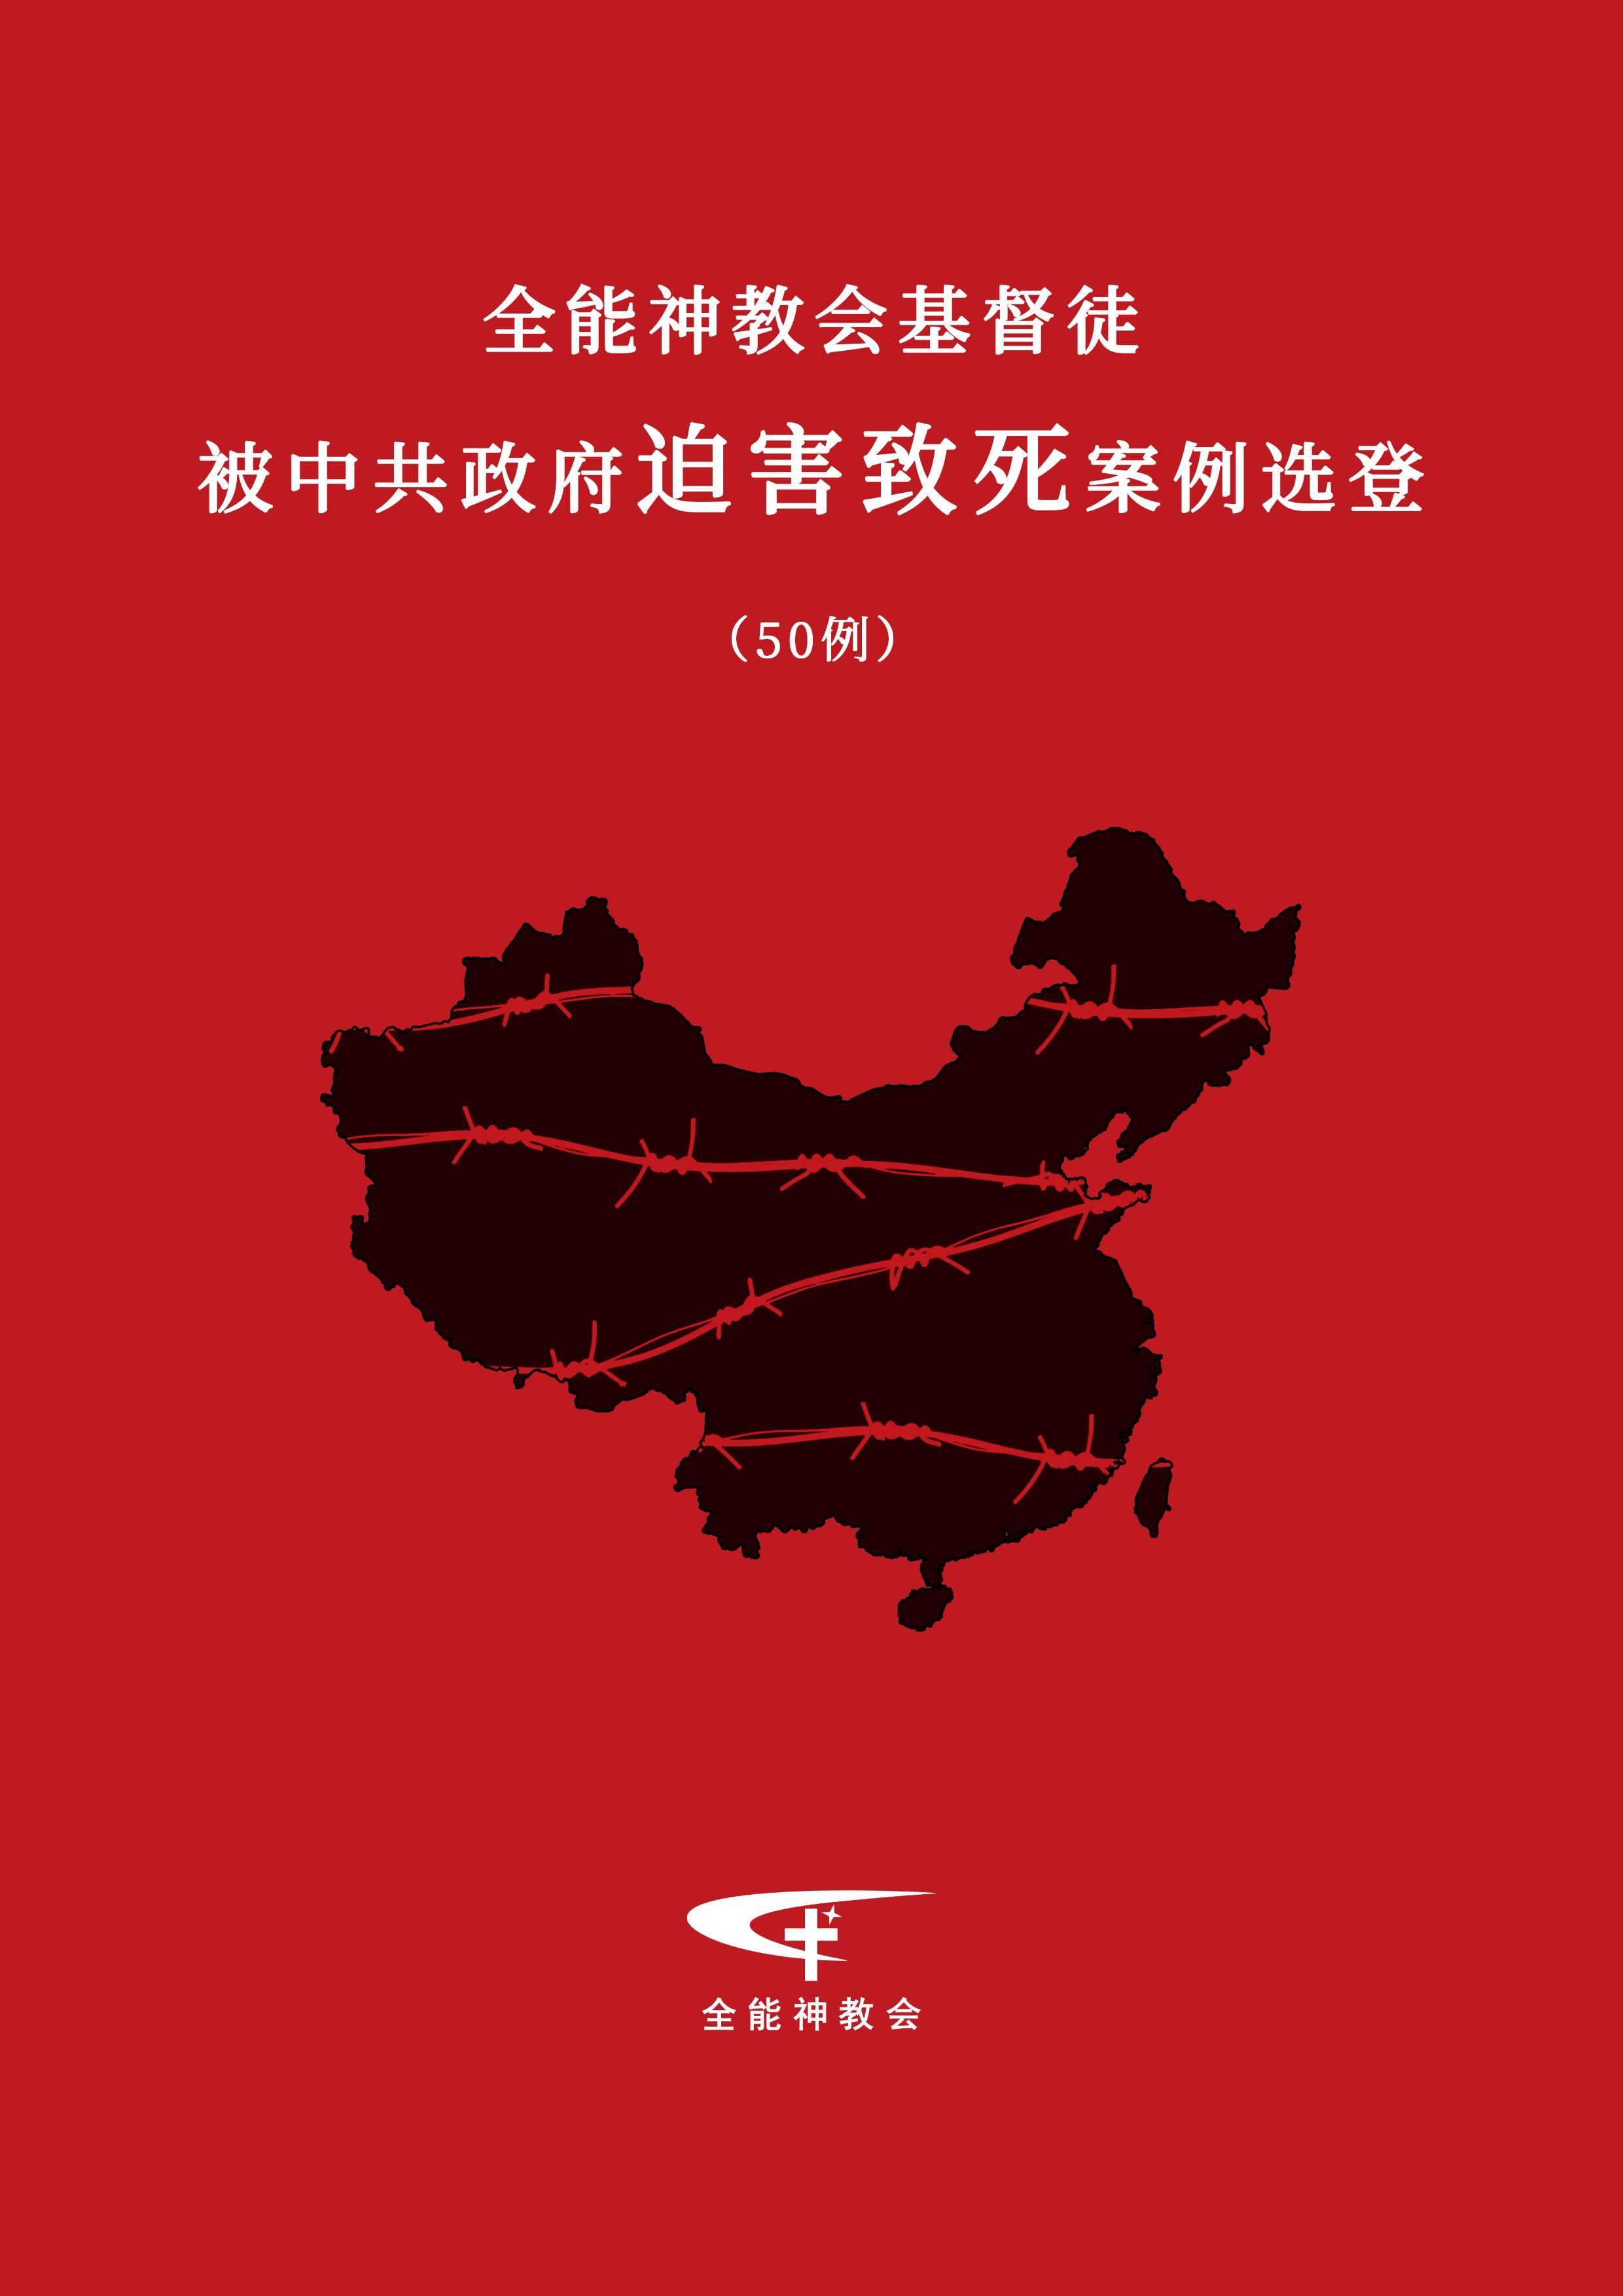 全能神教会基督徒被中共政府迫害致死案例选登 (仅选50例)